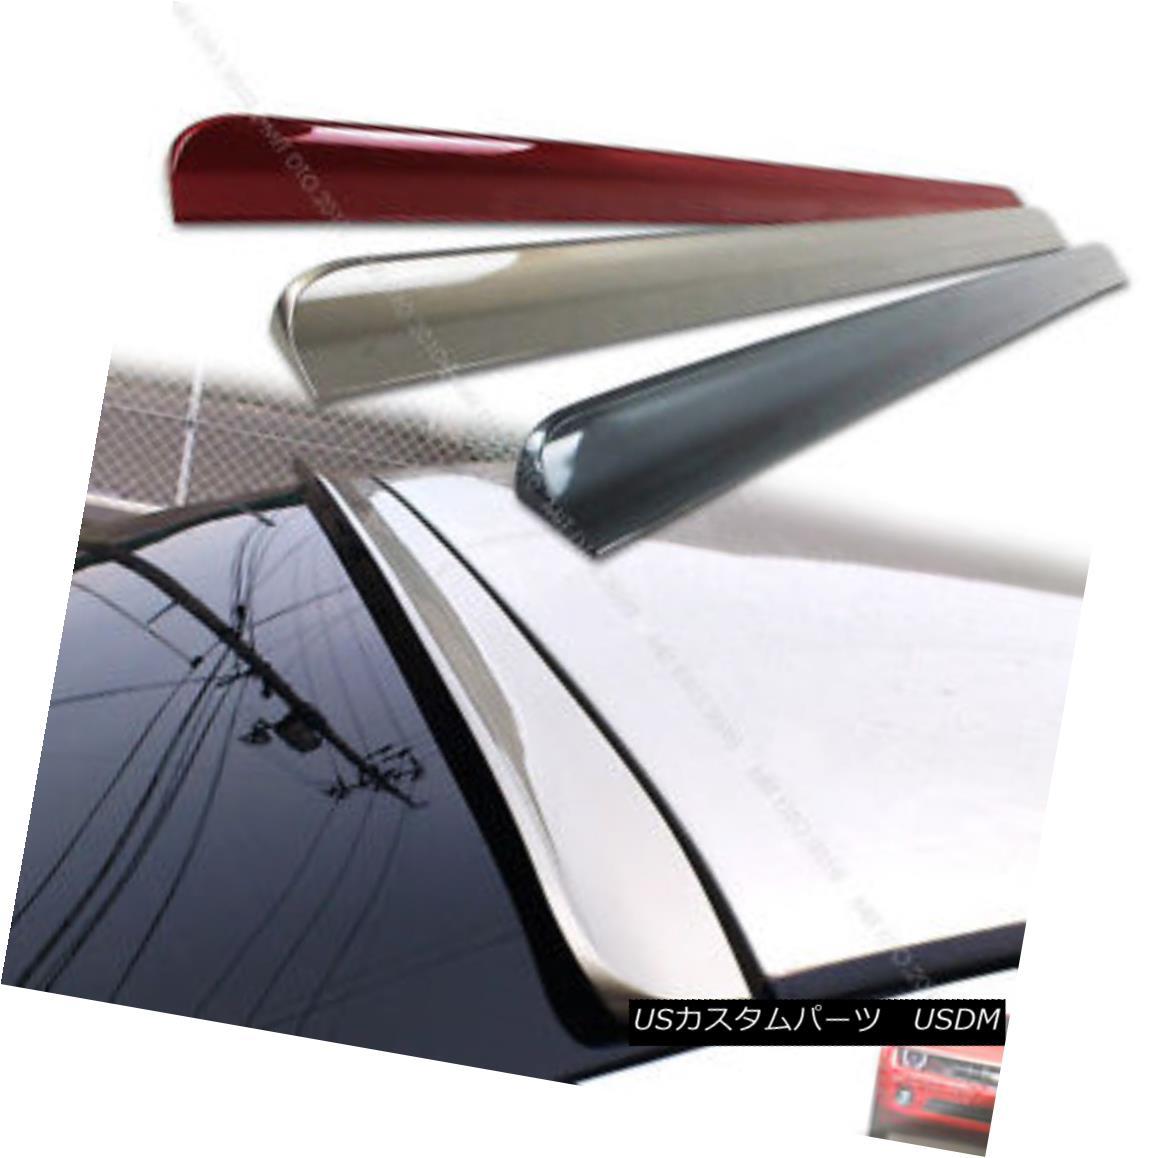 エアロパーツ PAINTED For Chevrolet Cruze J300 1st 4D Rear Roof Window Spoiler 08-14 § Chevrolet Cruze J300 1st 4Dリアルーフウィンドウ・スポイラー08-14用塗装